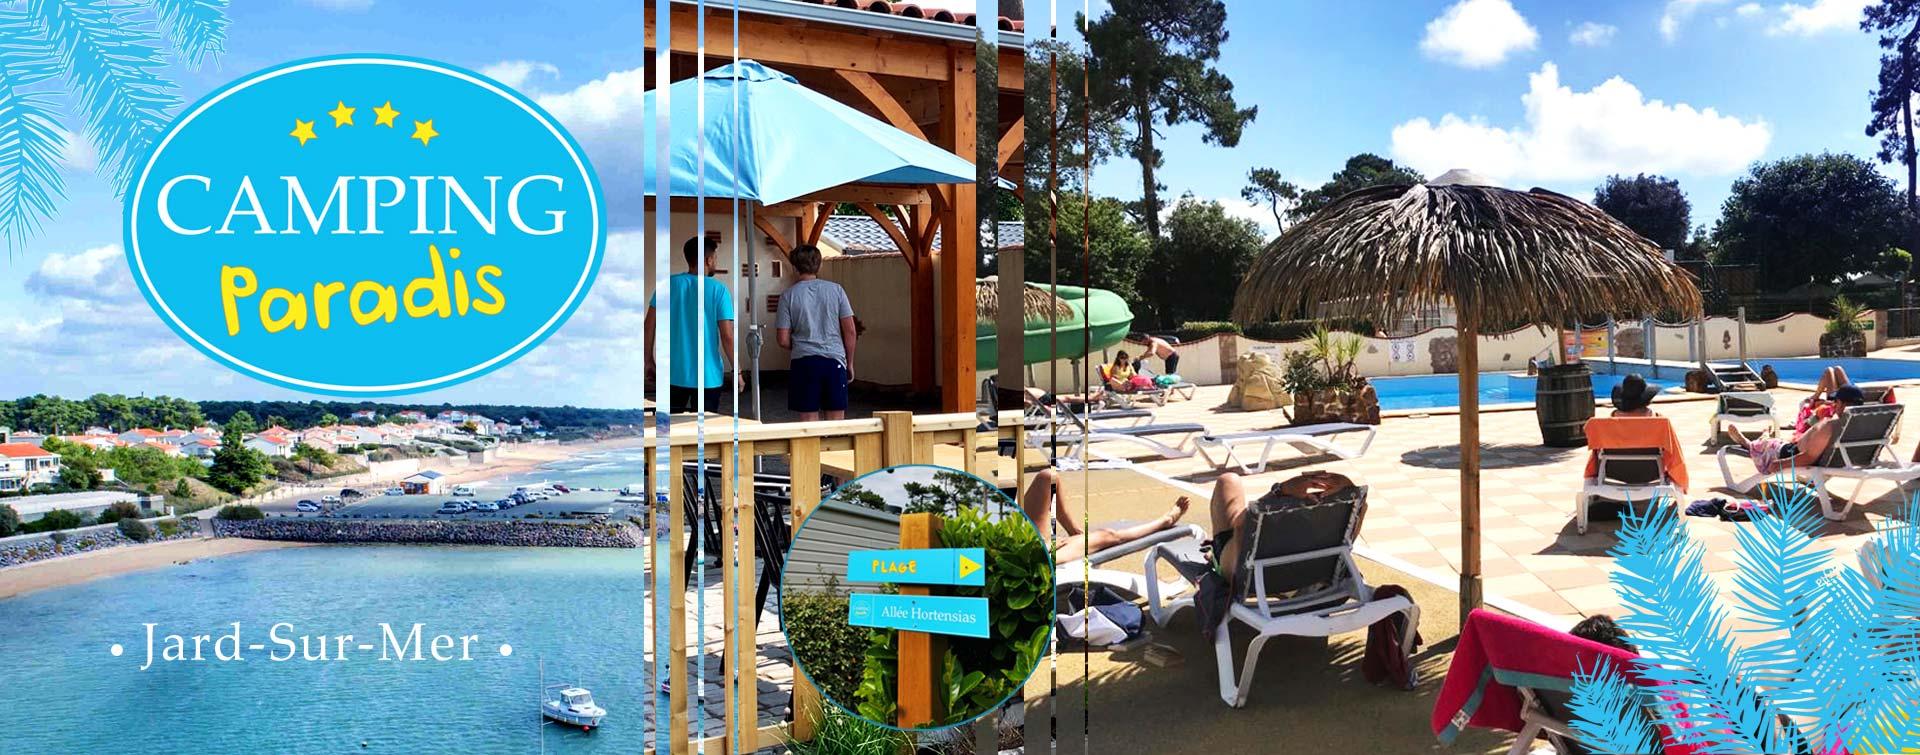 Le snack bar du camping Paradis de Jard sur Mer